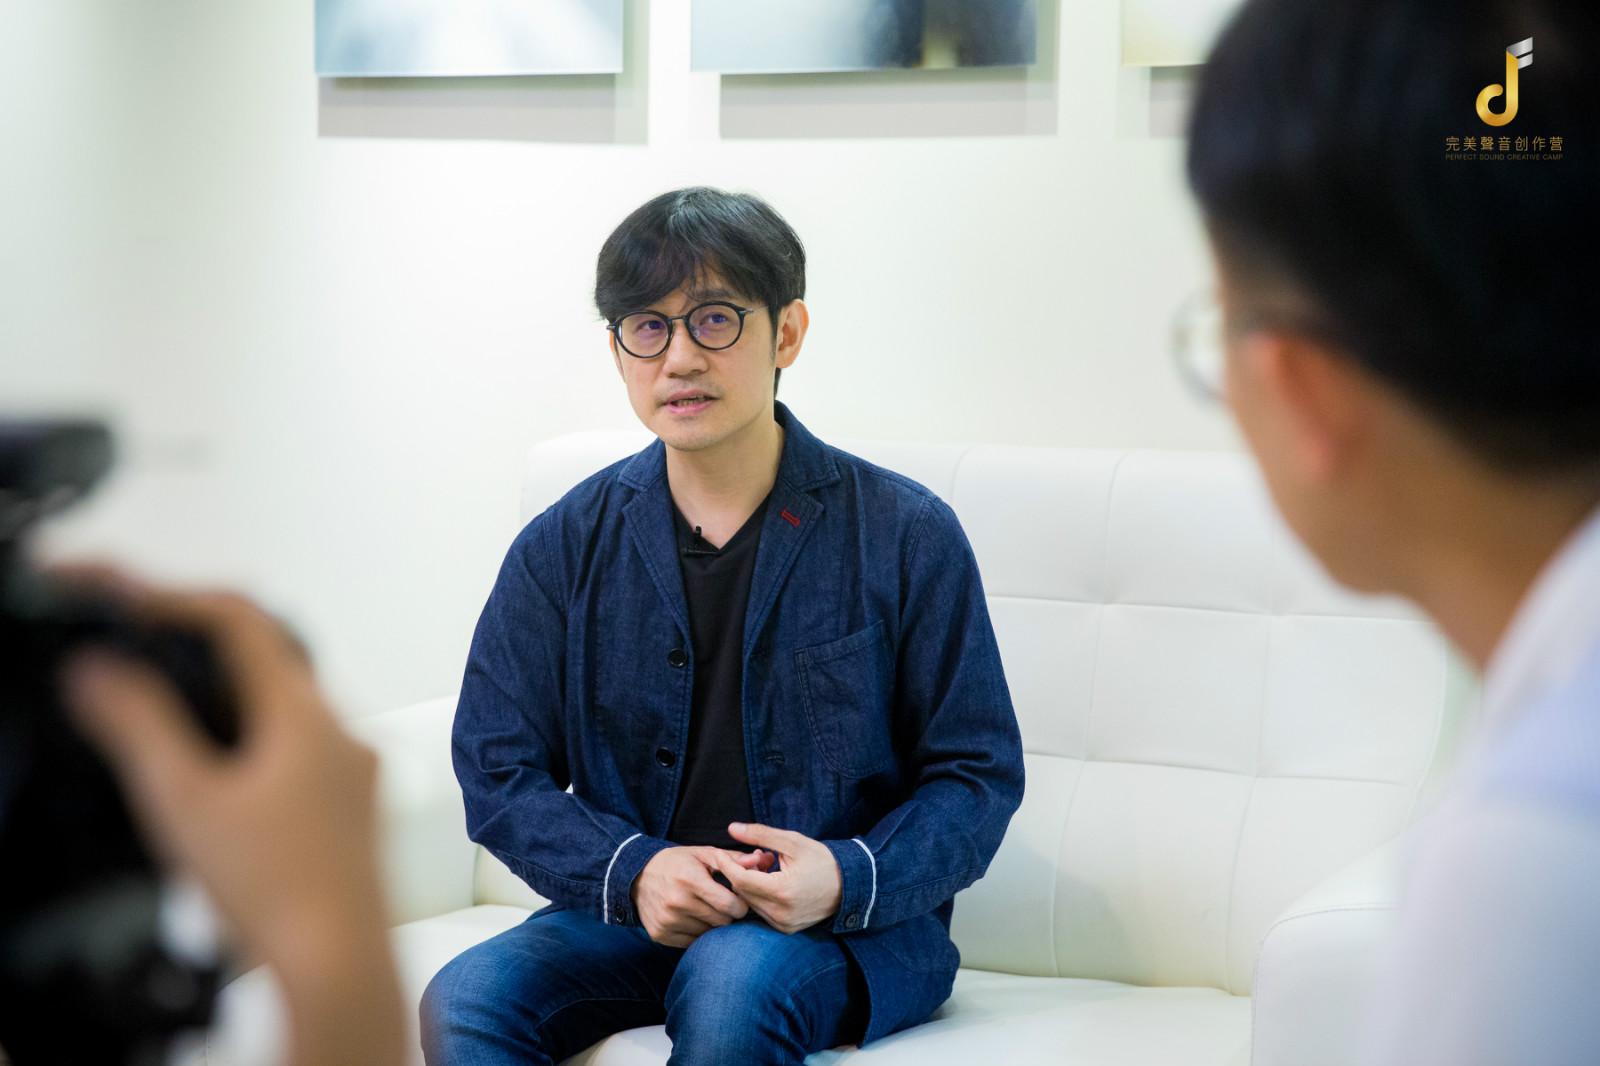 陈建骐联手12位新锐音乐人 定制最强影视音乐